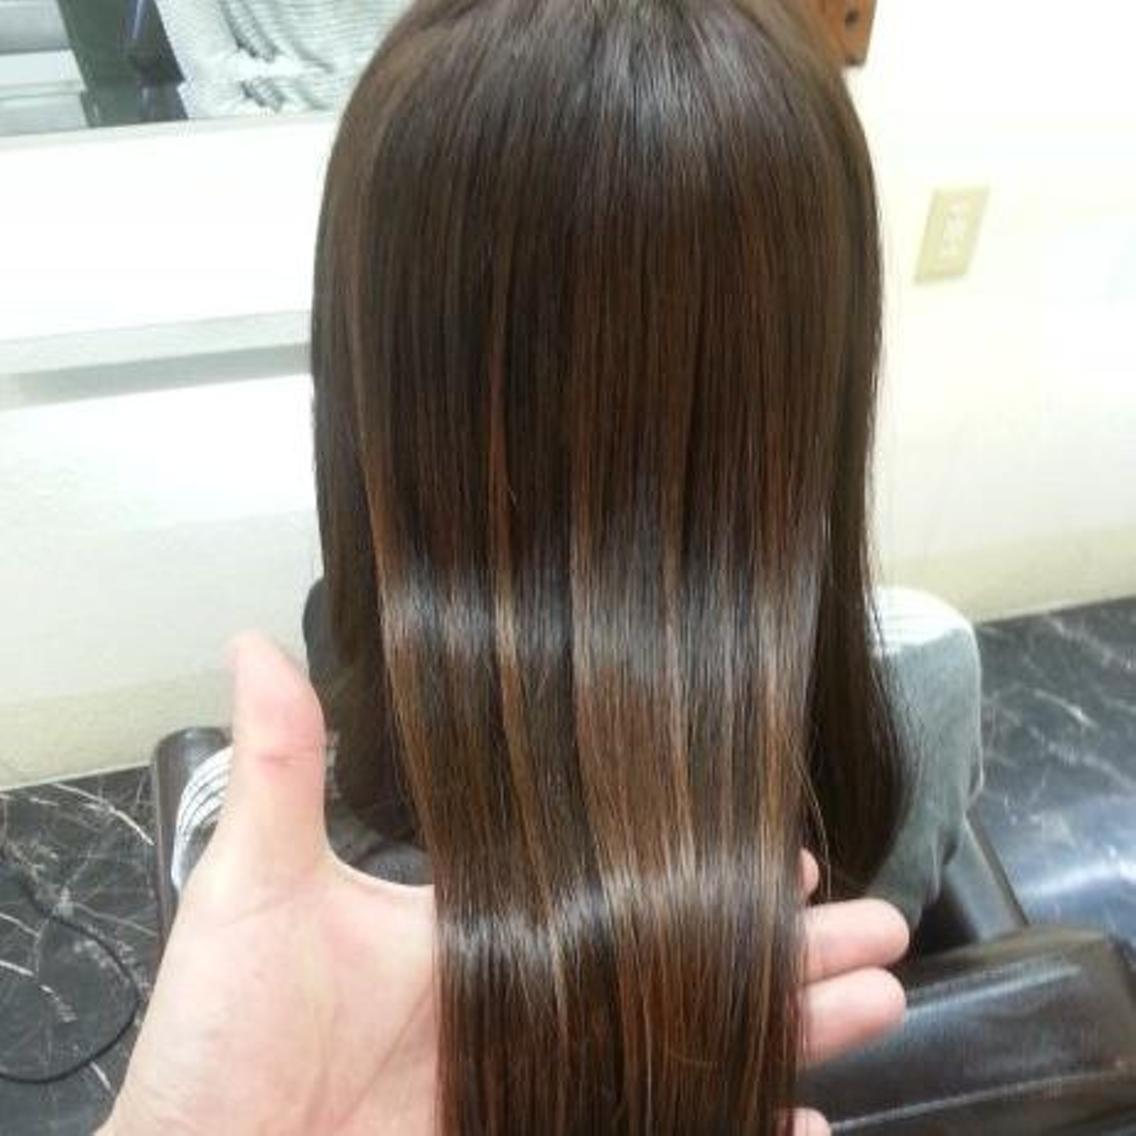 エリアNo. 1✨minimo期間限定特別割引✨《二子玉川》《トリートメントプロショップ》《髪質改善》全ての施術にトリートメントを組み合わせ、髪への負担をなくします❗️